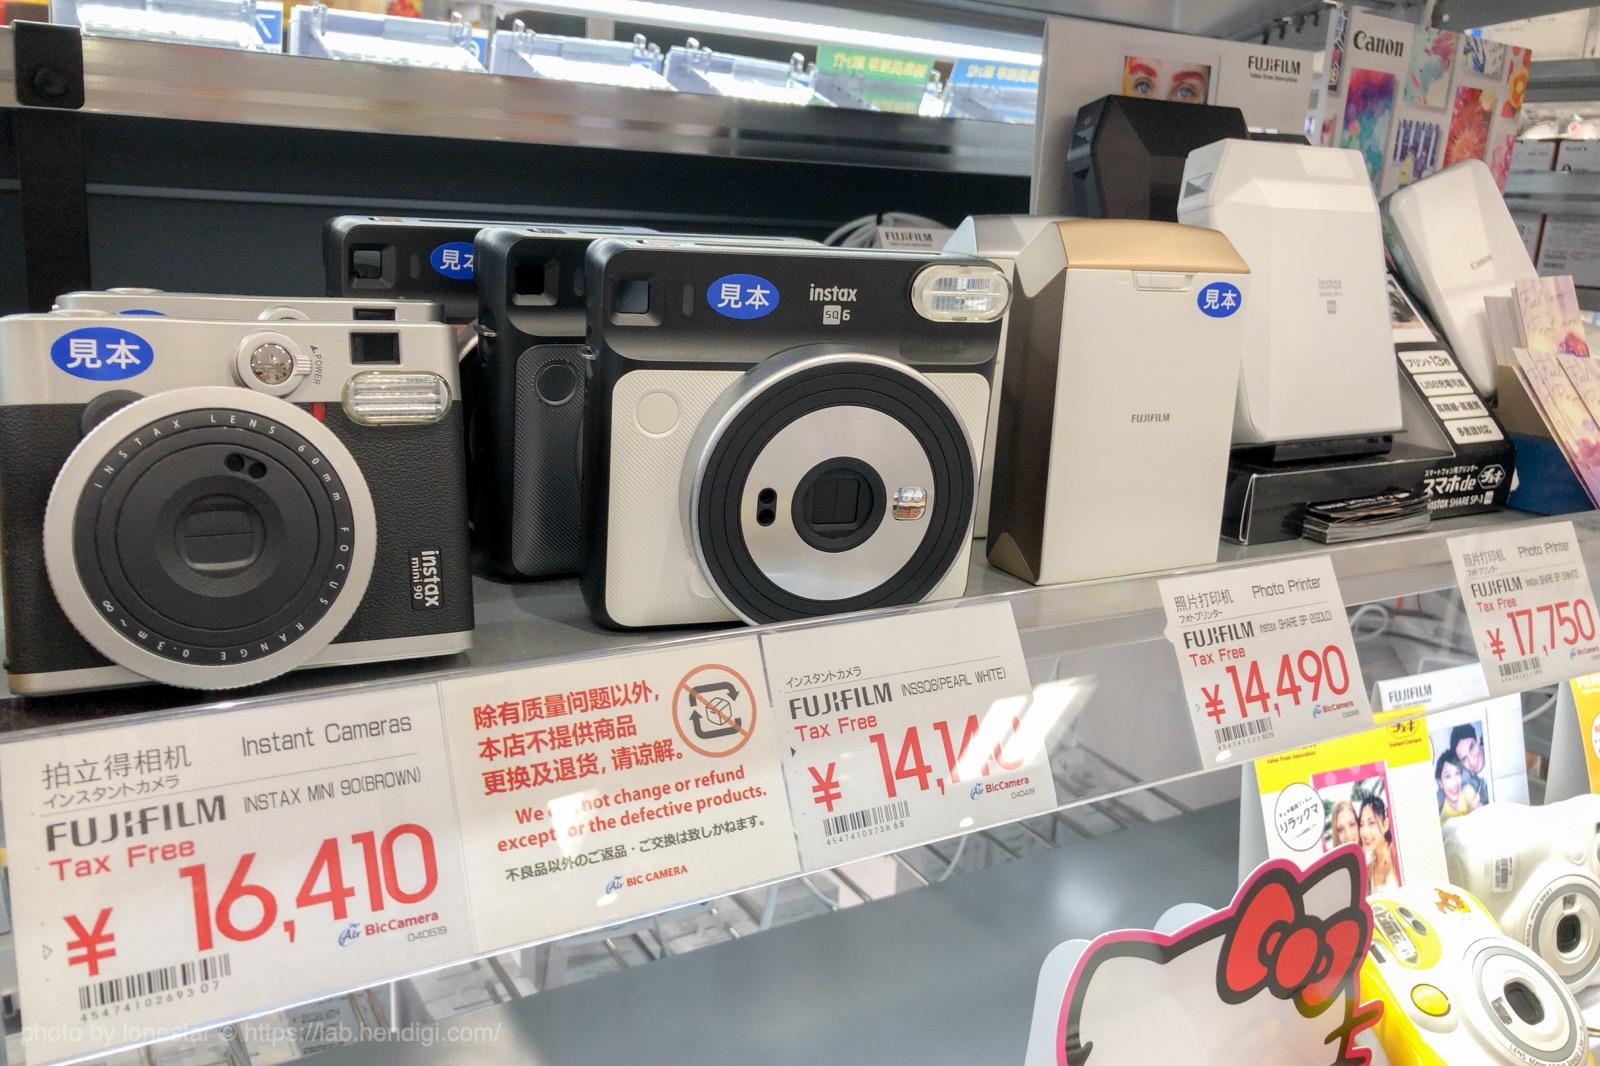 セントレア ビックカメラ 免税店